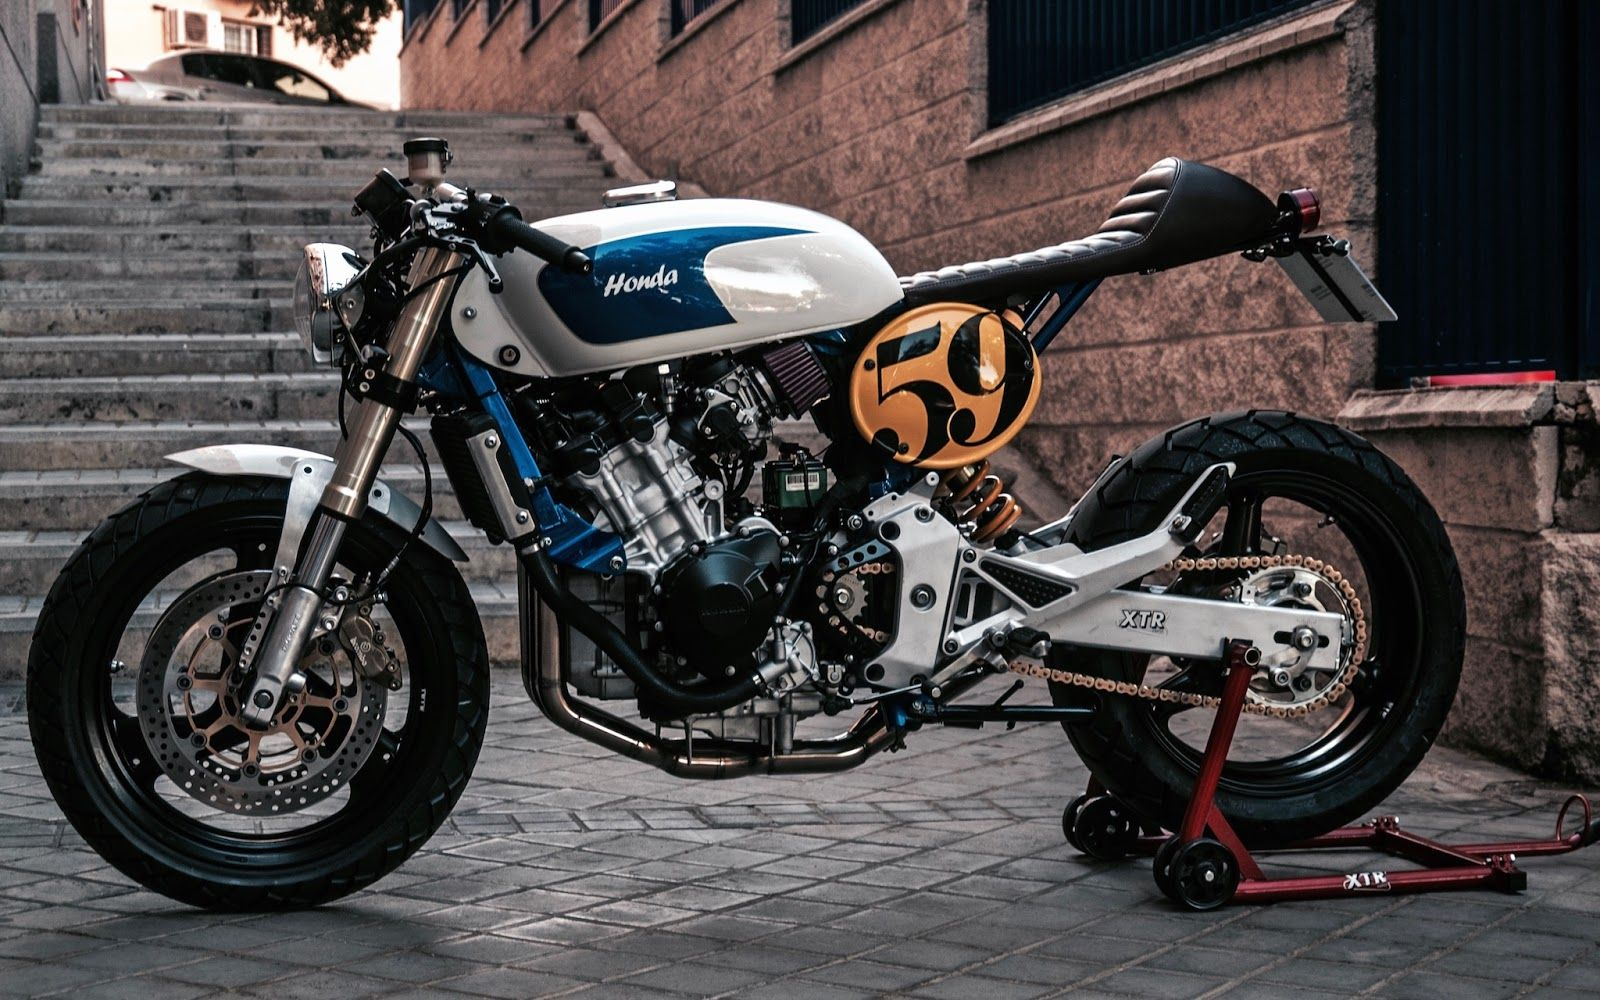 Pepos Sake Racer Custom Bikes Honda Cafe Racer Motorcycle